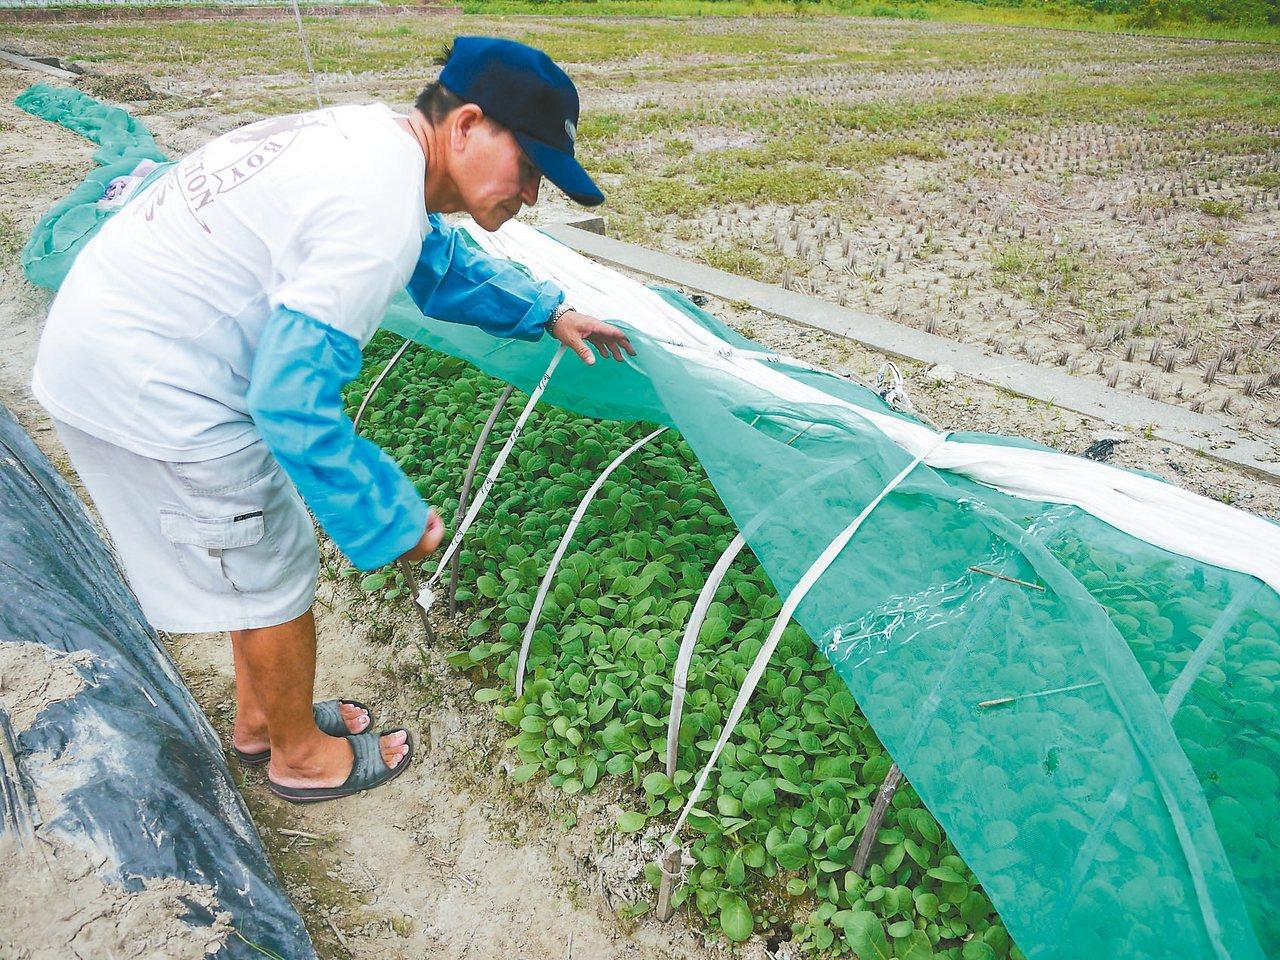 時序入秋,仍有少數農民培育菸苗,盼菸酒公司續向他們收購菸草。 記者徐白櫻/攝影